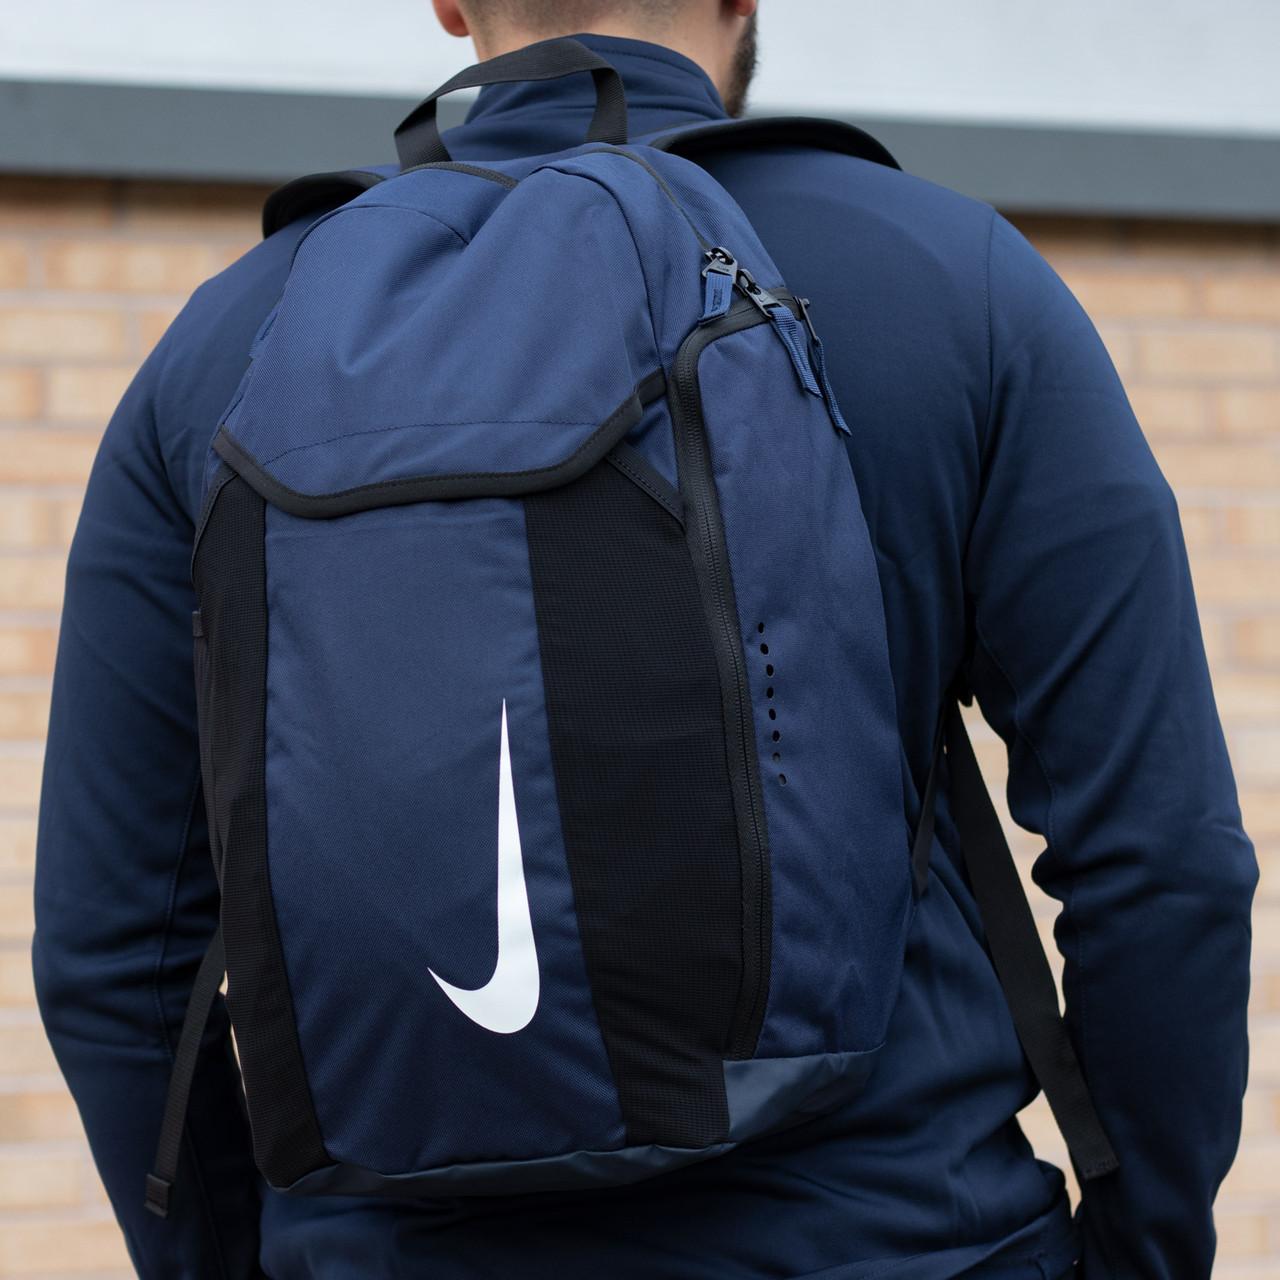 220e9effaa3 Рюкзак Nike Academy Team Backpack BA5501-410  продажа